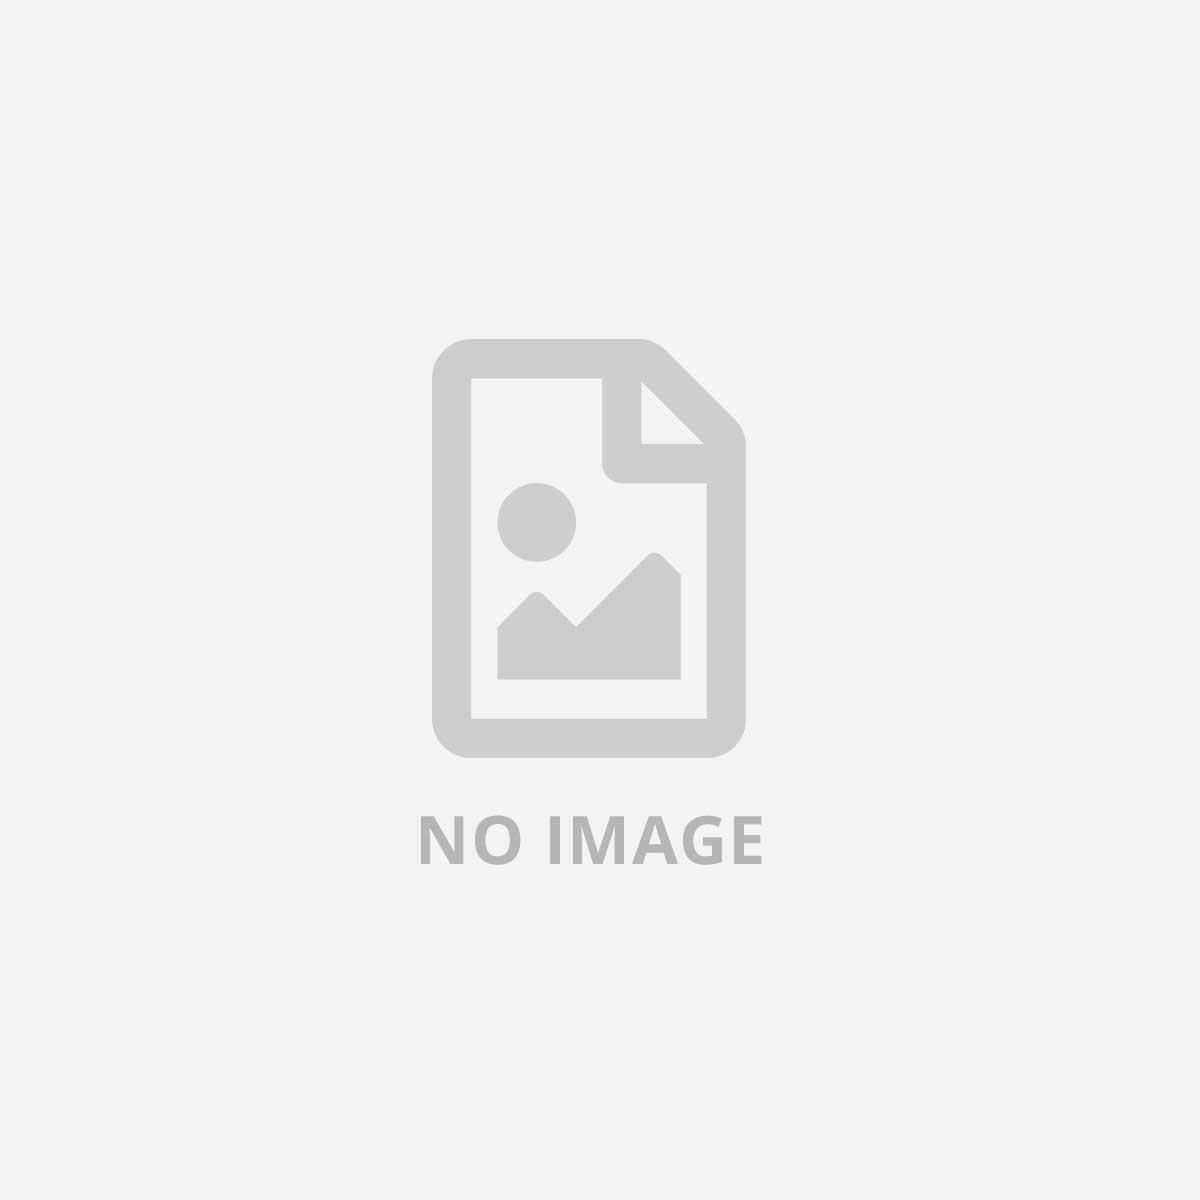 CONCEPTRONIC PCIEX CARD 1-PORT PAR   2PORTSERIAL